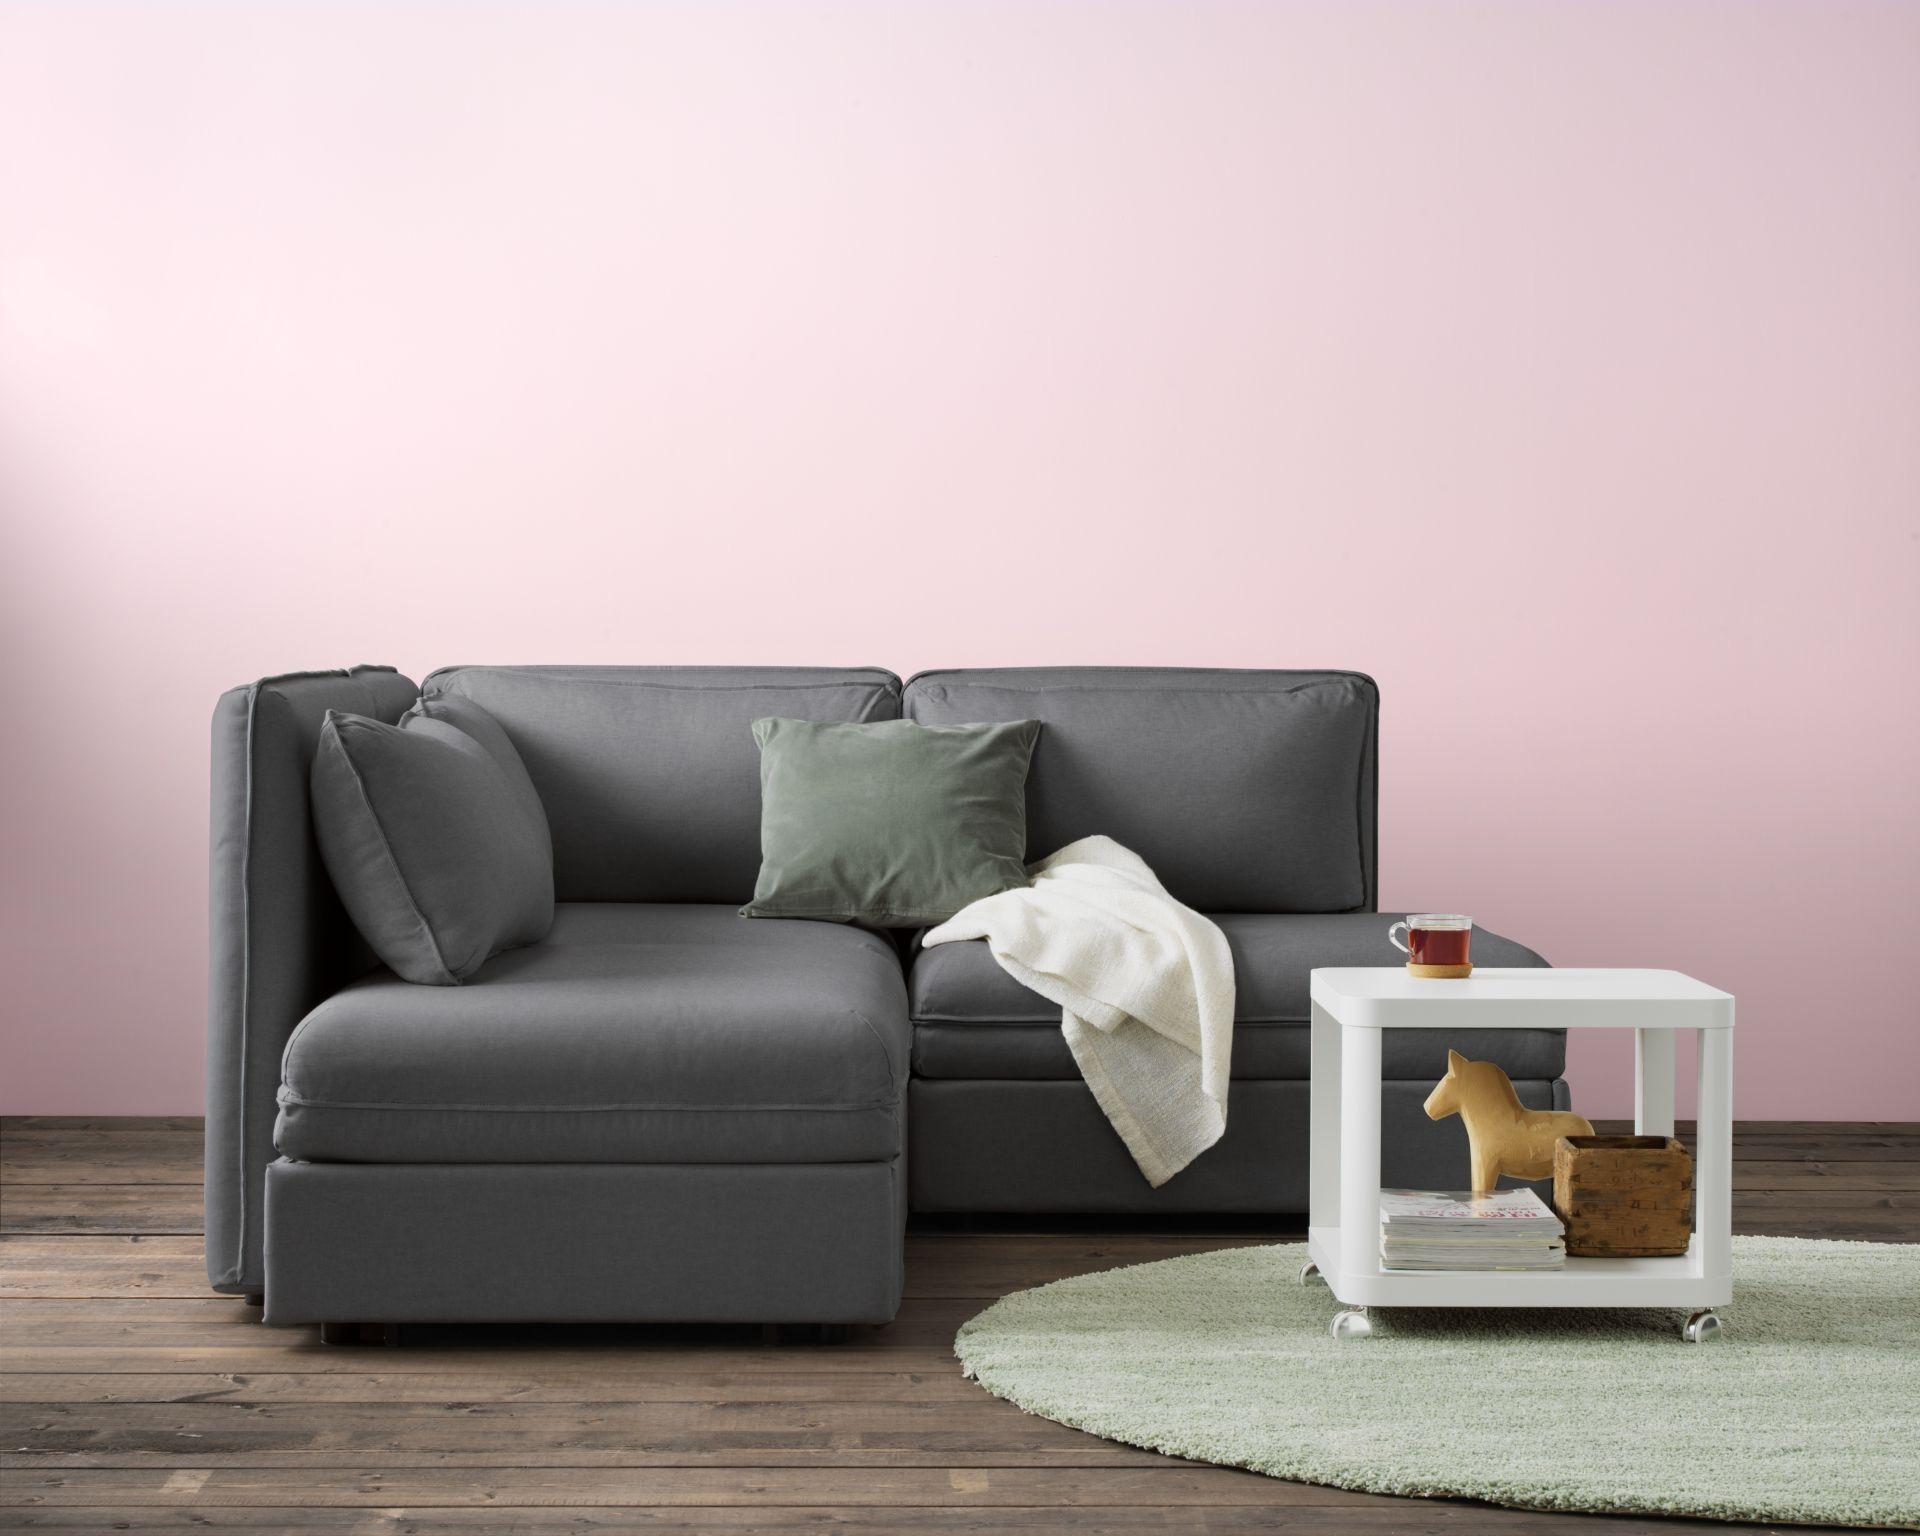 stunning vallentuna hoekbank nieuw ikea ikeanl zitsbank woonkamer slaapkamer relaxen inspiratie. Black Bedroom Furniture Sets. Home Design Ideas